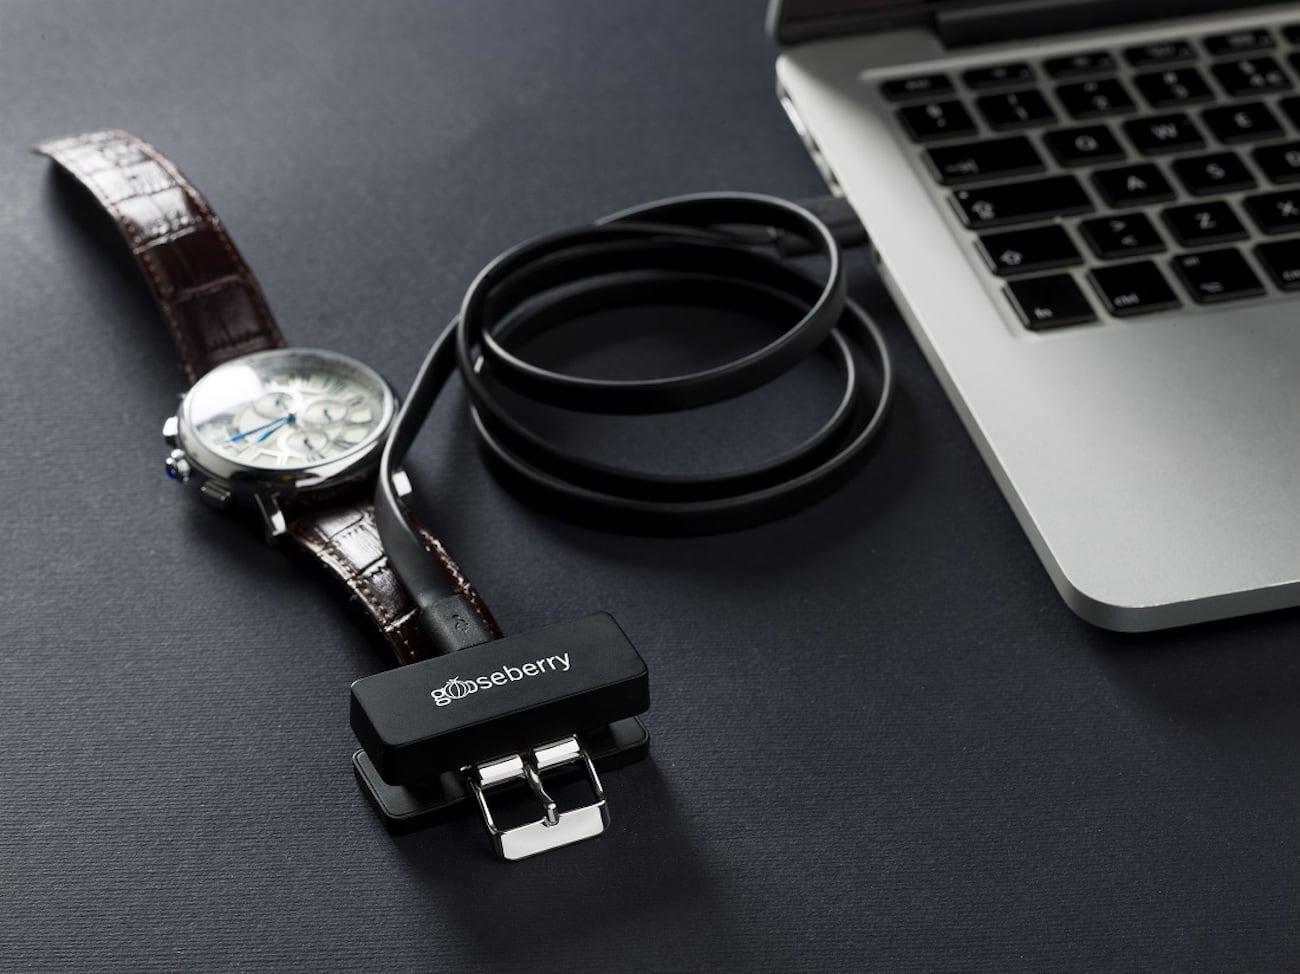 Gooseberry Smart Buckle Activity Tracker